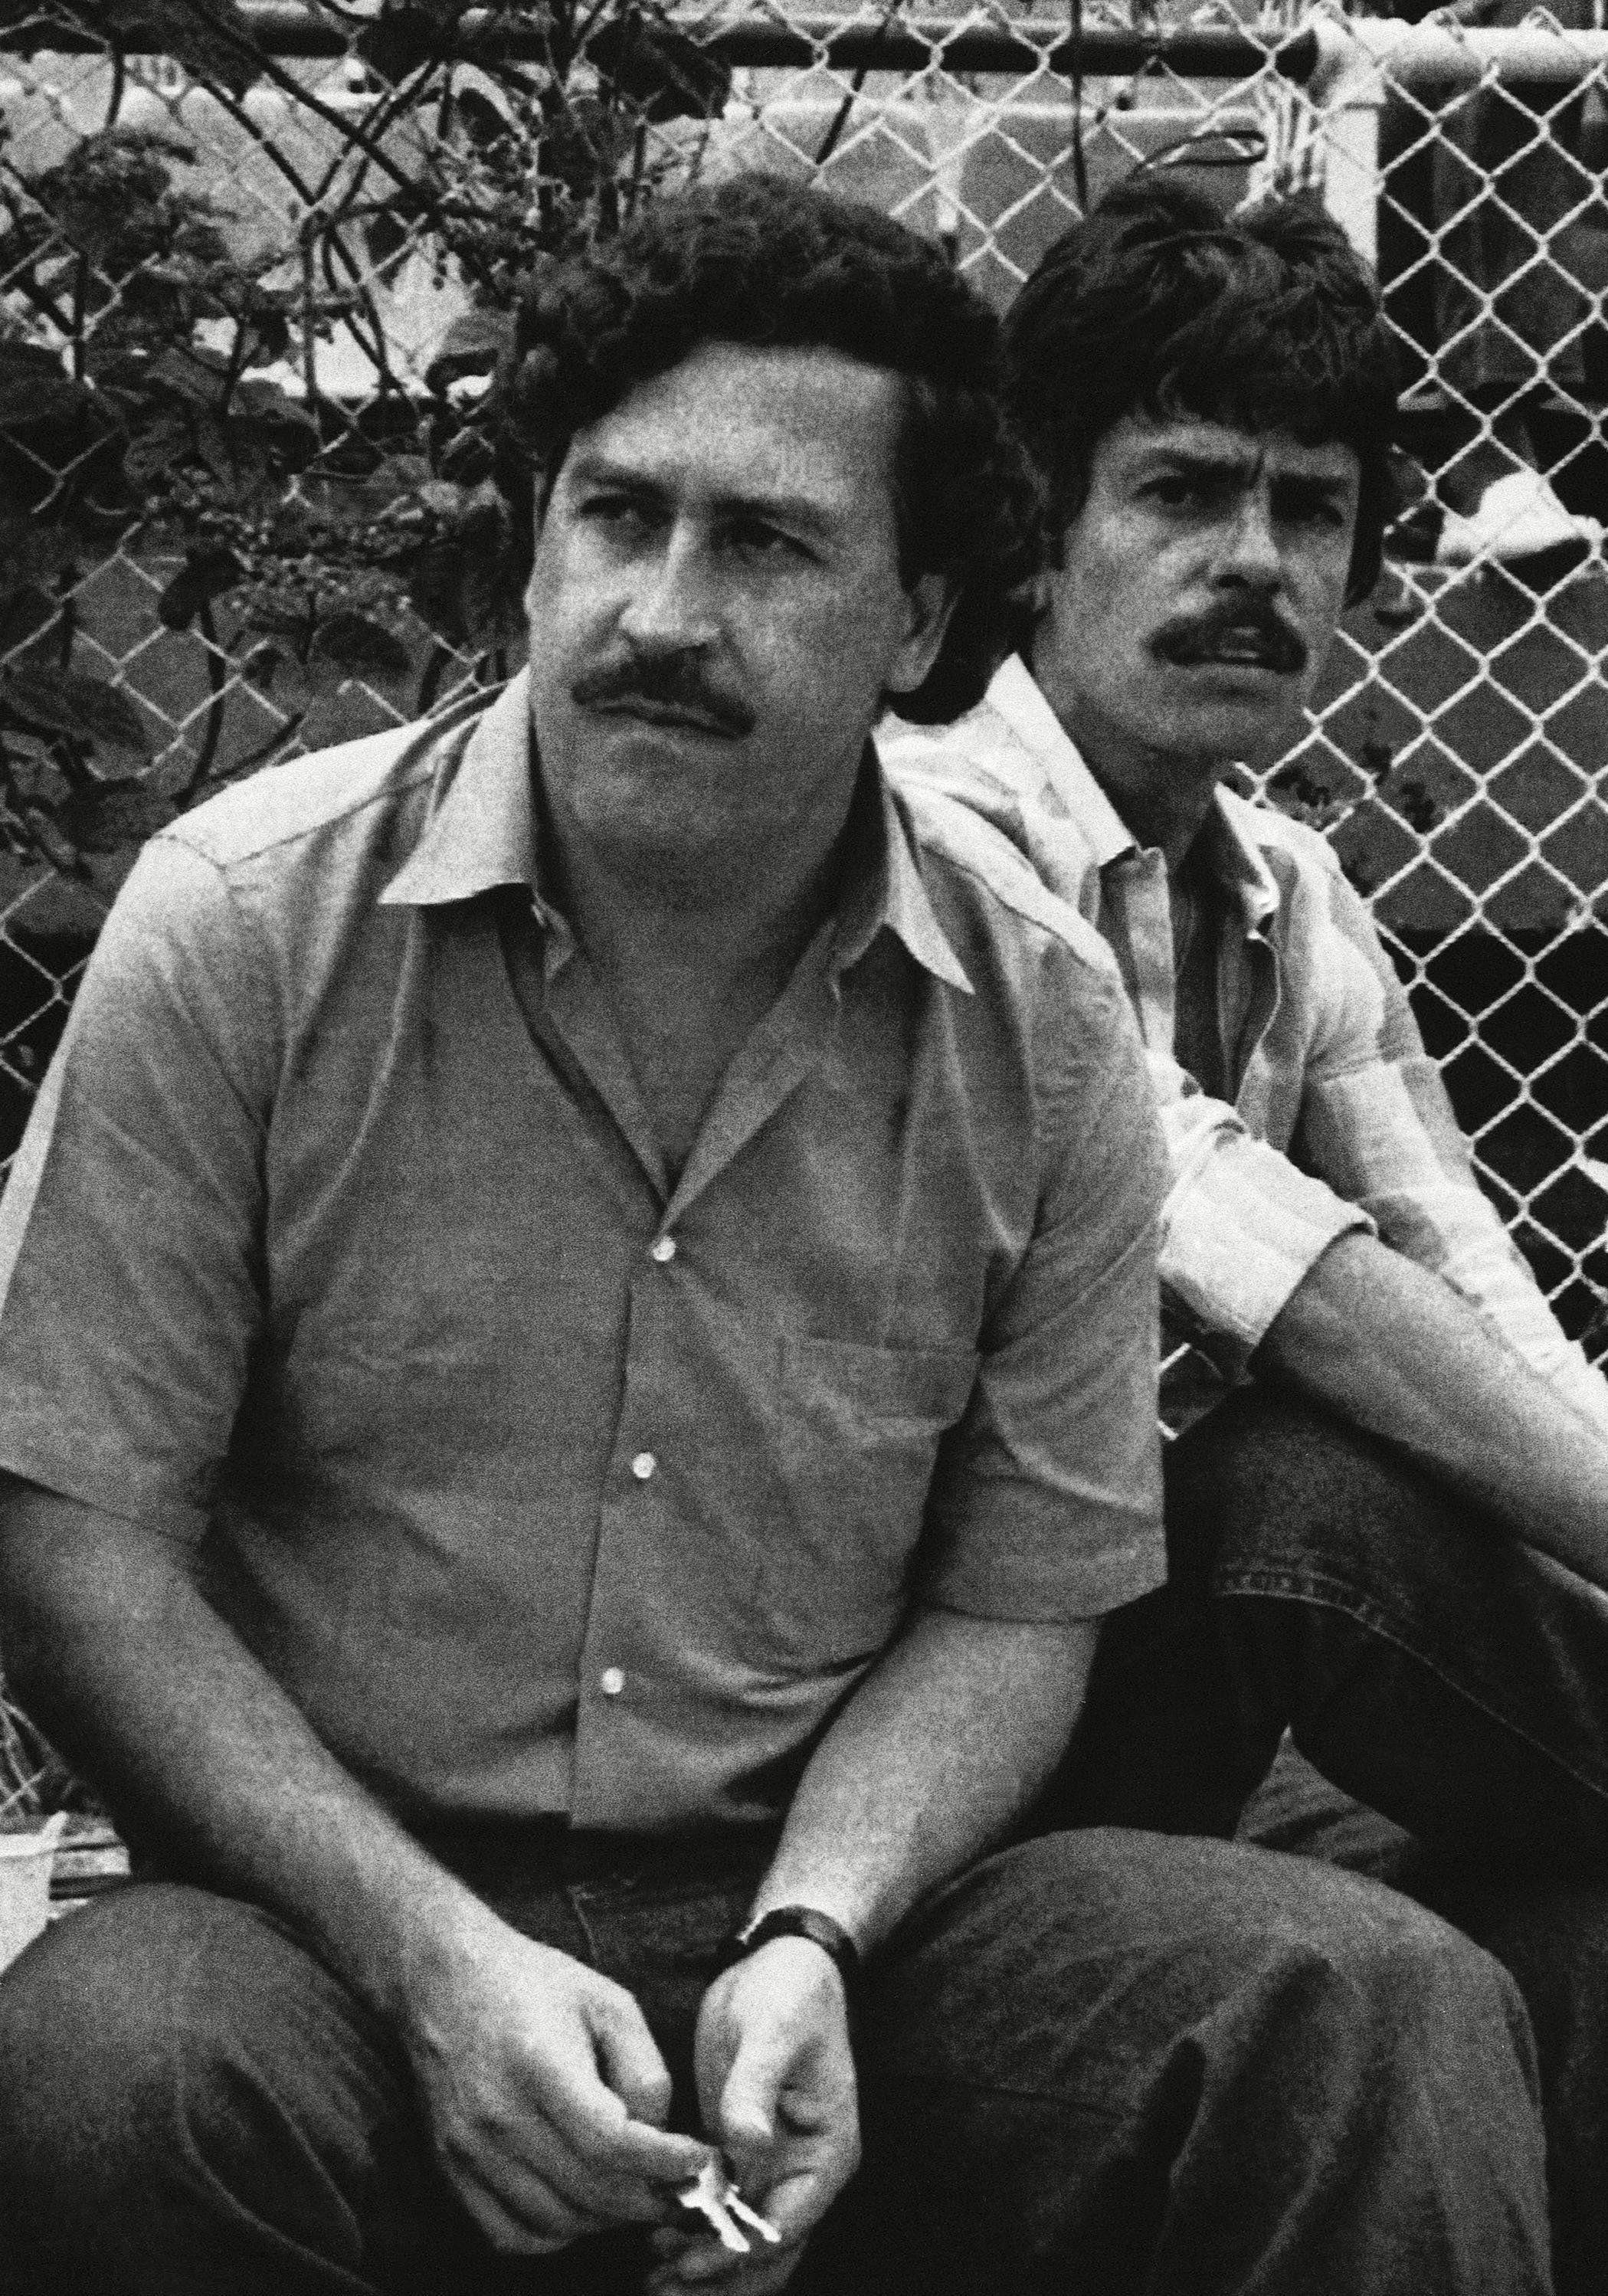 Pablo Escobar Medellin drug cartel boss